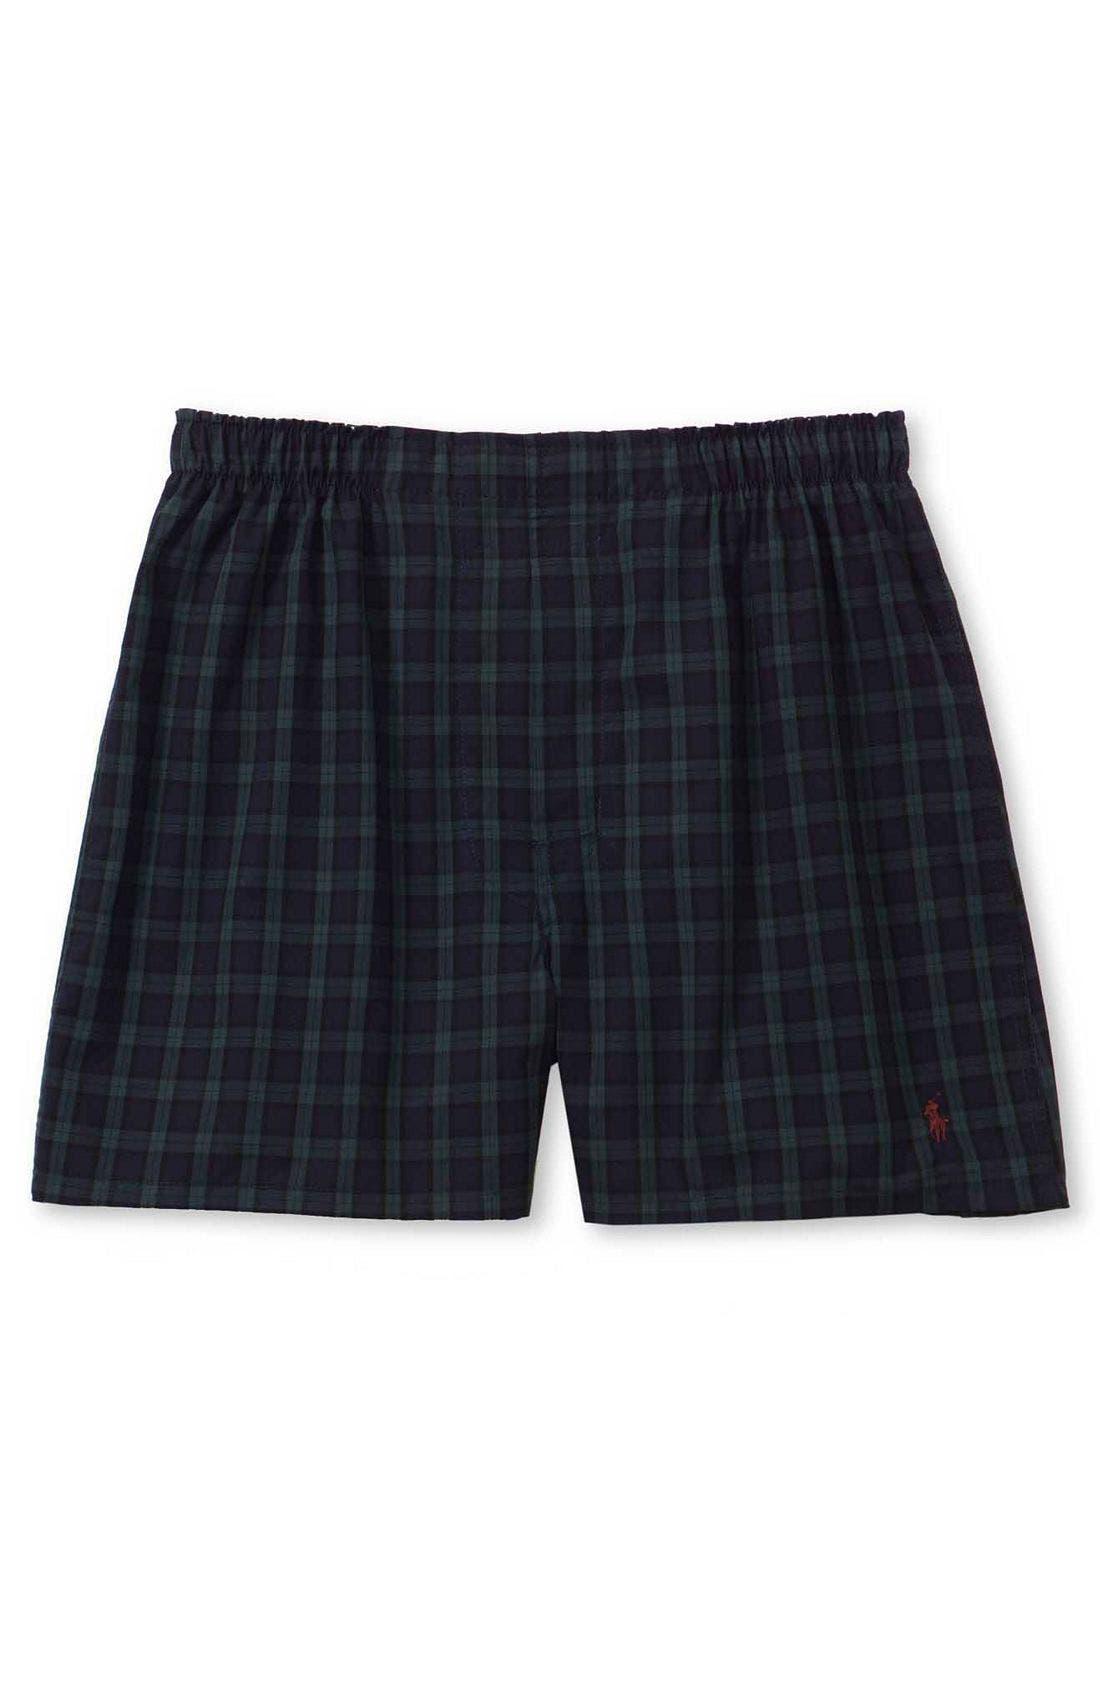 Plaid Woven Boxer Shorts,                         Main,                         color, Blackwatch